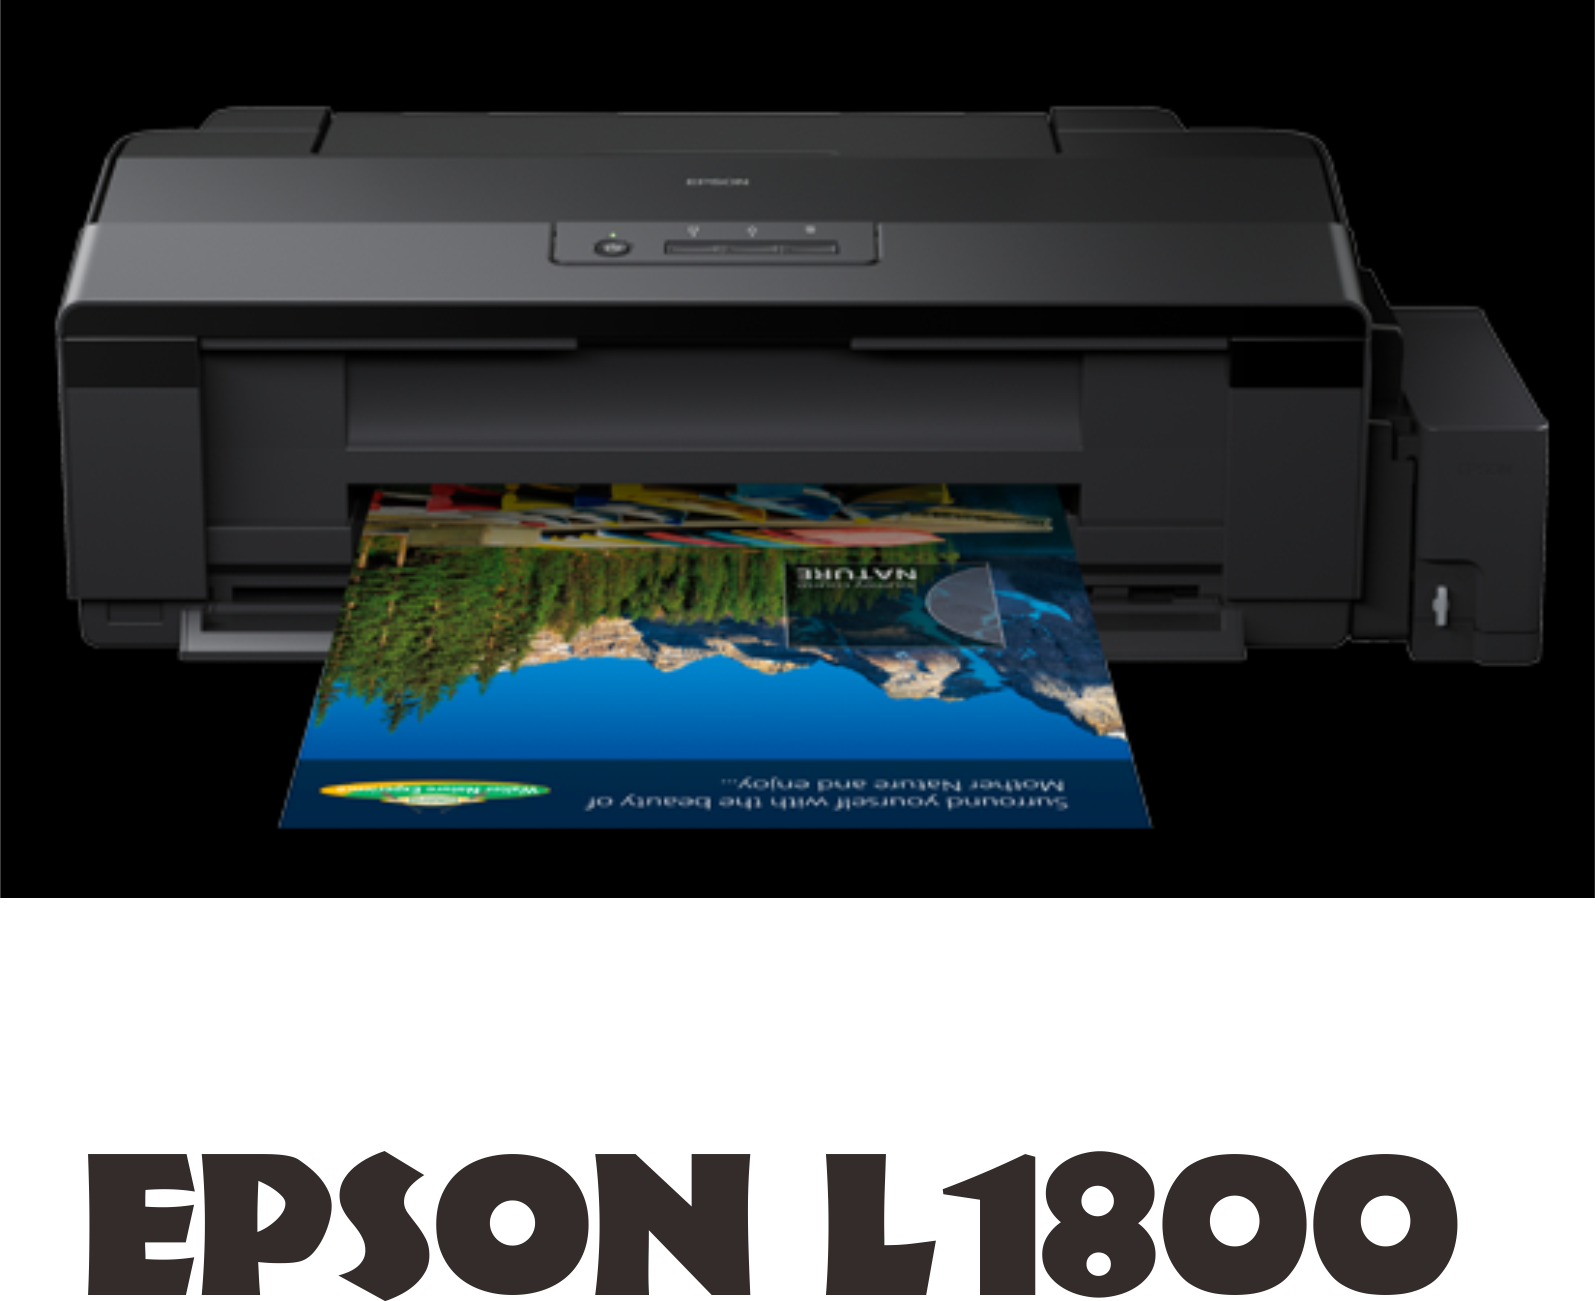 Perbedaan Kecepatan Cetak Printer Epson L1800 Vs Canon Pixma Mx477 Memiliki Resolusi Hingga 4800 X 1200 Dpi Dan Ini Maksimal Sebesar 97 Ipm Untuk Mencetak Dokumen